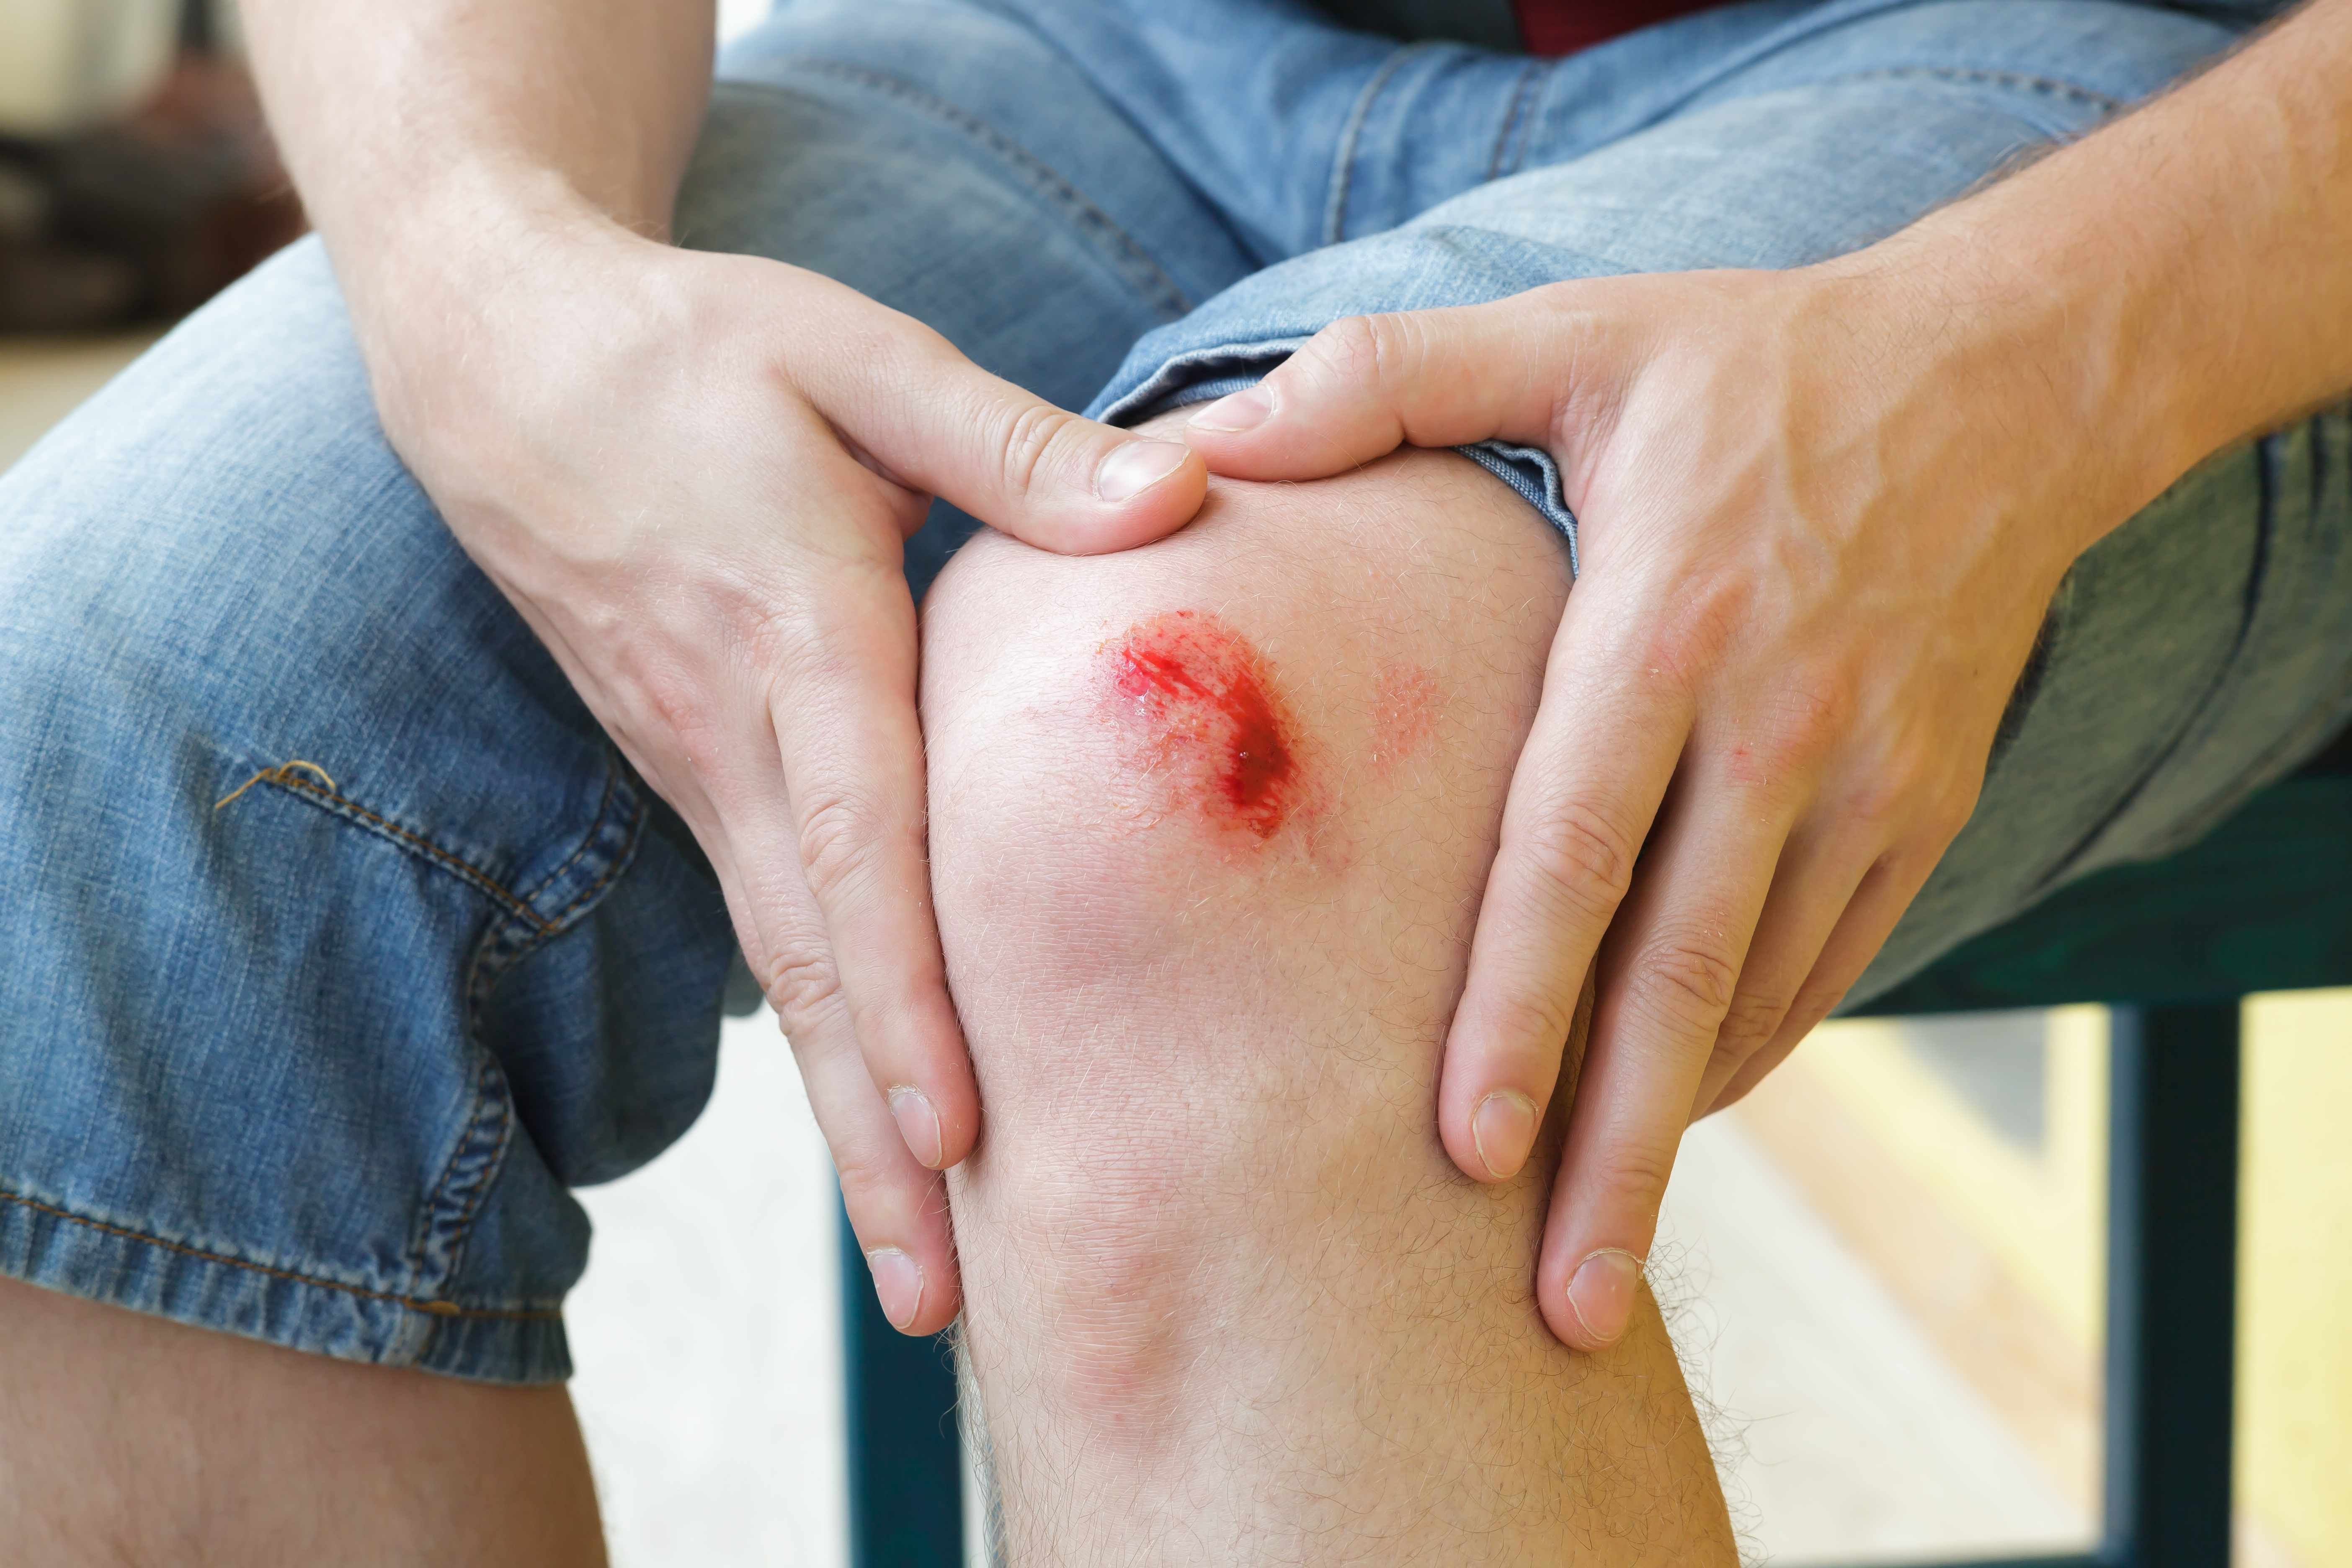 Treating Skin Abrasions Known As Raspberries Heart Disease